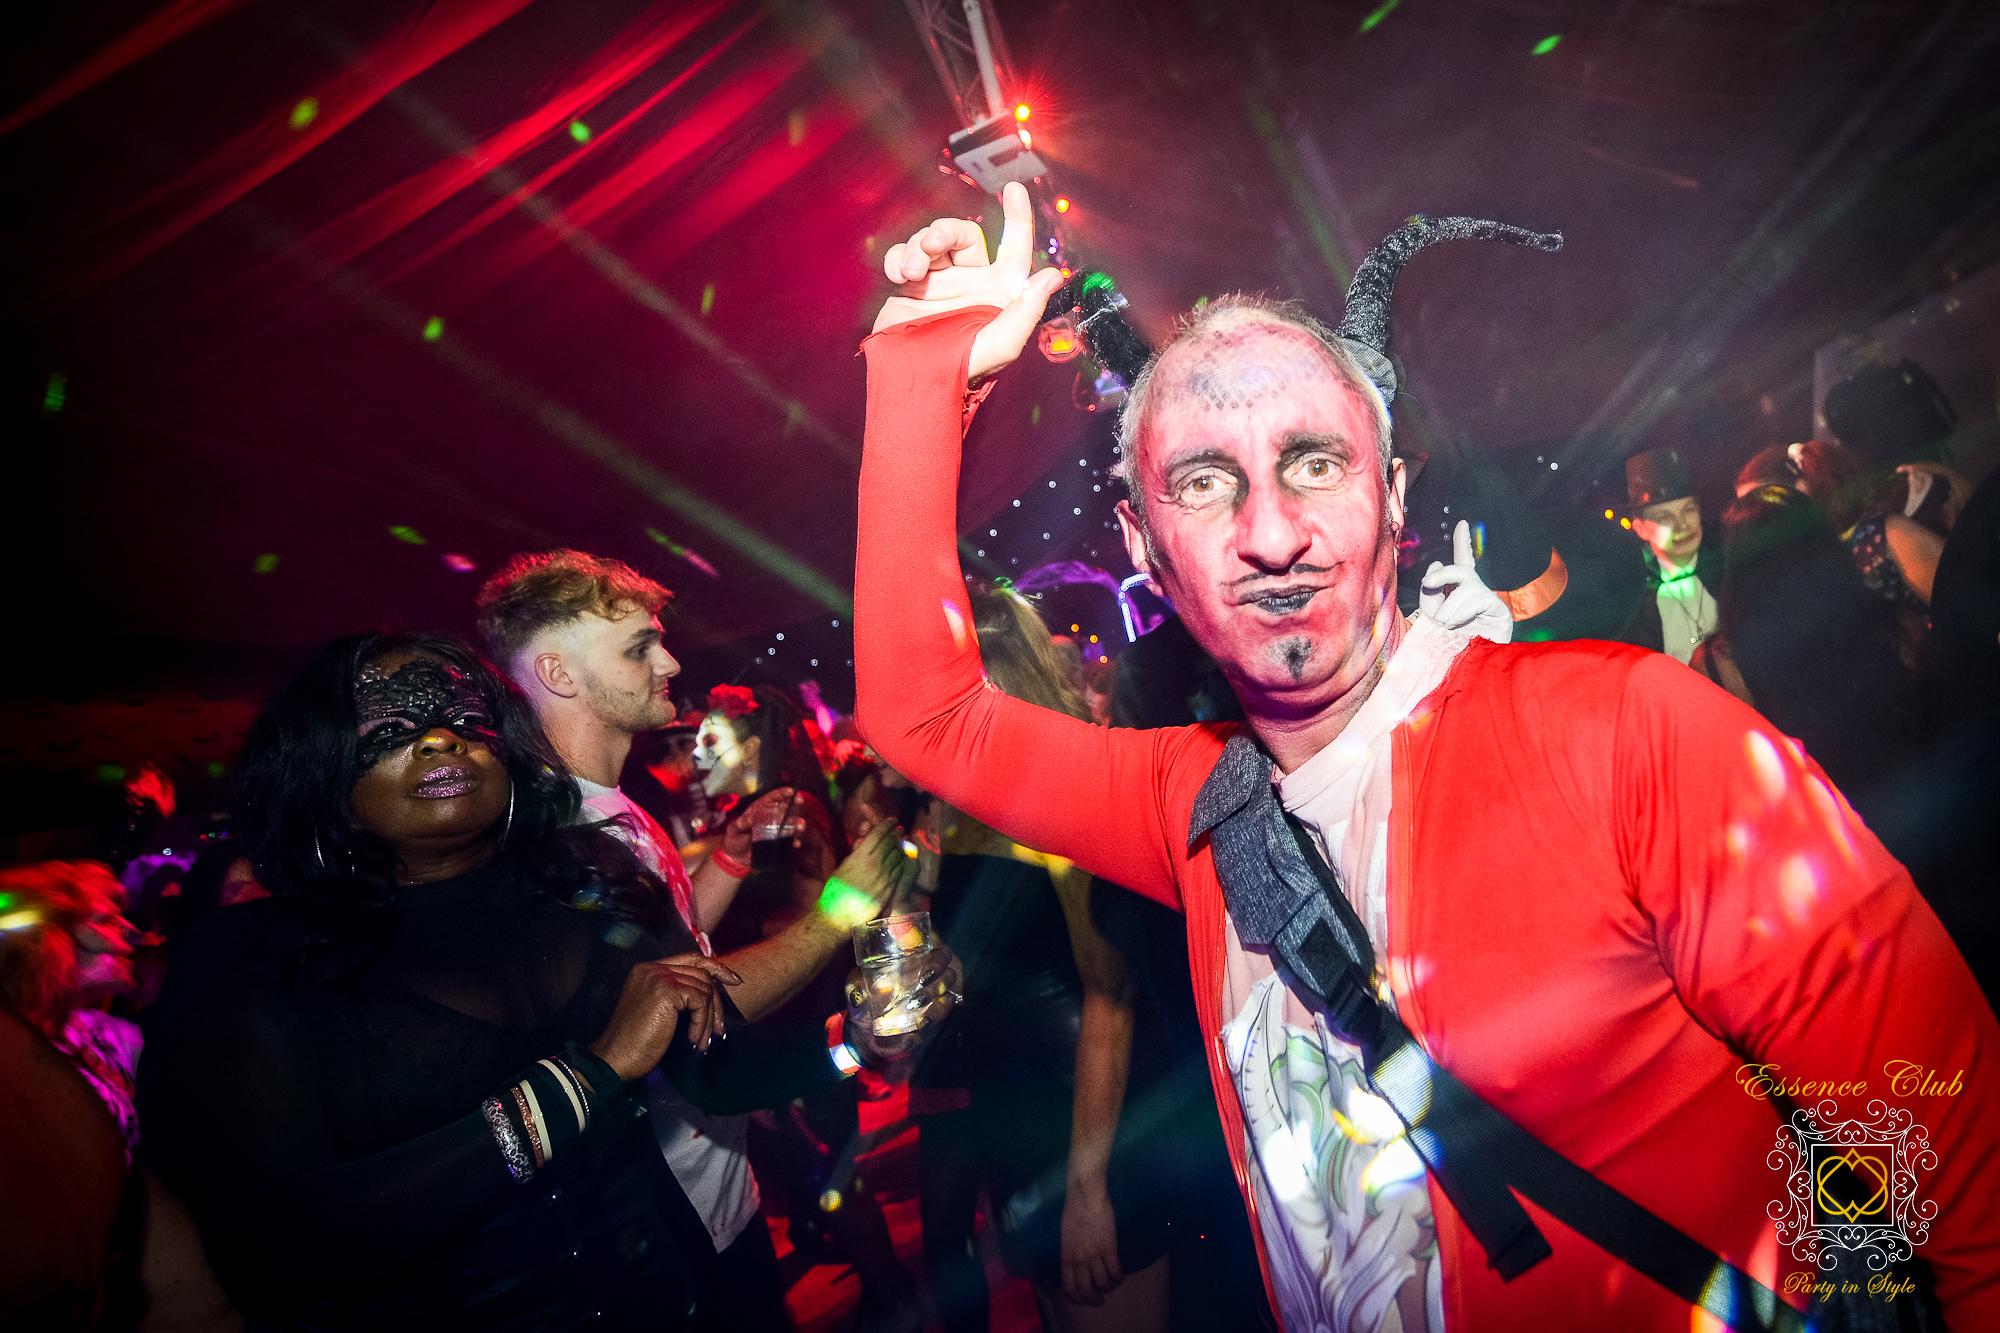 Essence Club DJ Tony Bellamy